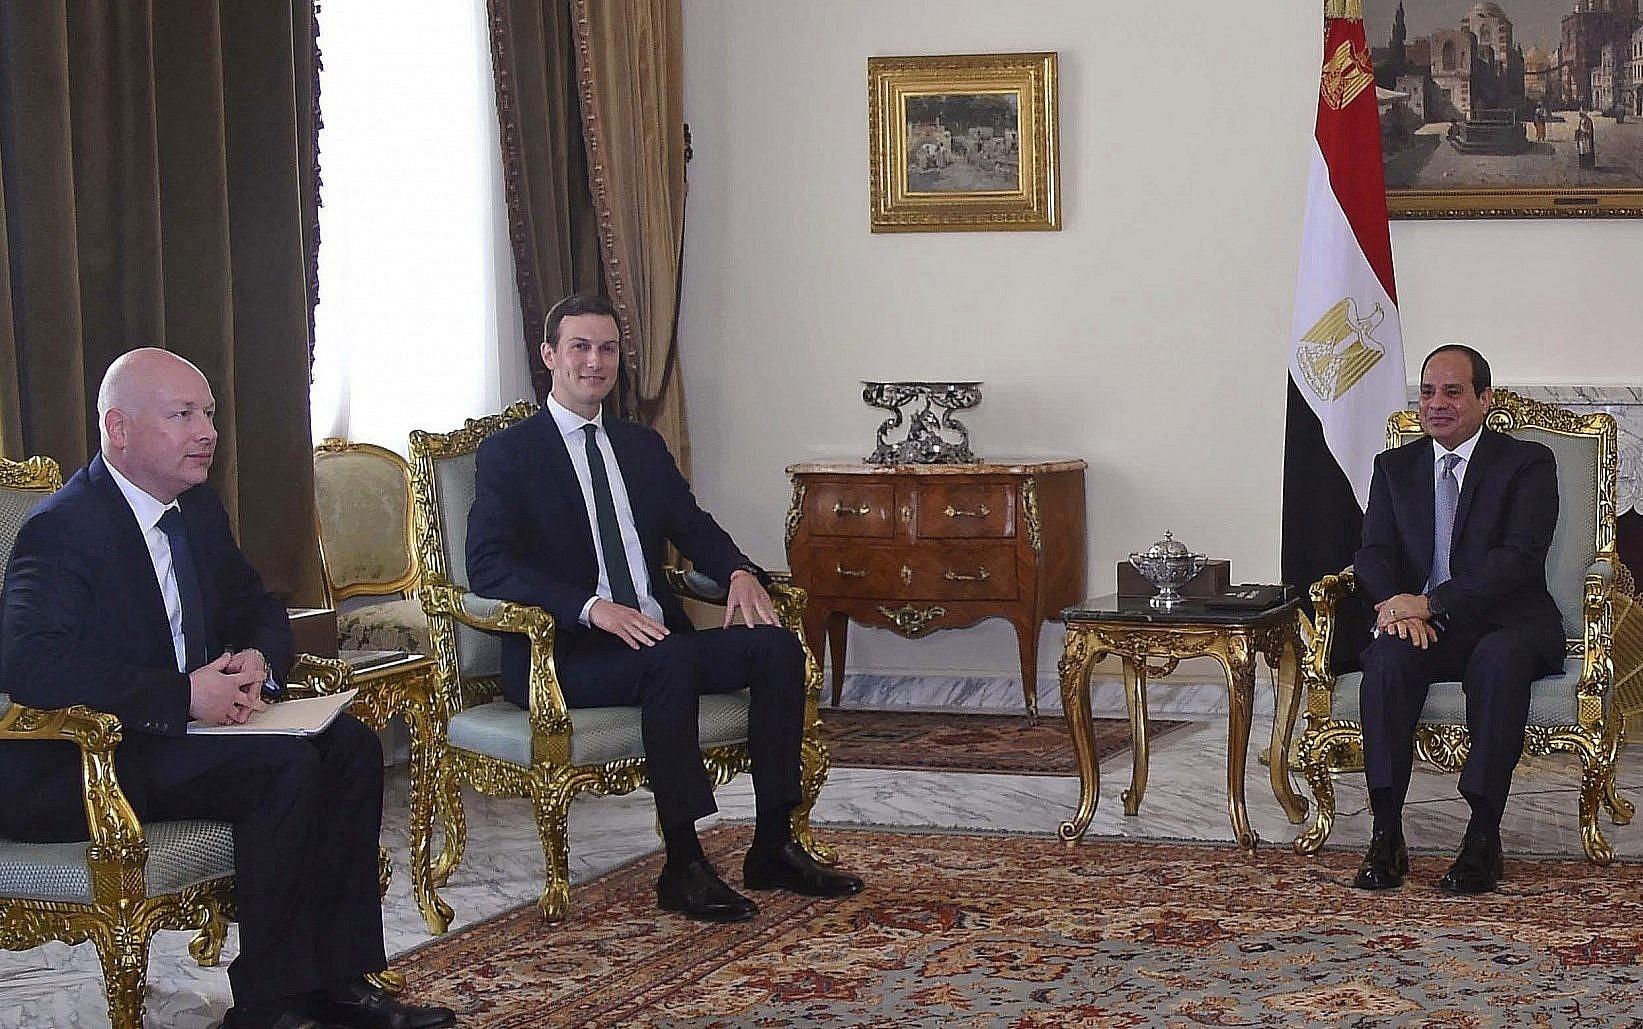 الرئيس المصري، عبد الفتاح السيسي، يستقبل مستشار الرئيس الأمريكي لتسوية الصراع في الشرق الأوسط، جاريد كوشنير، والمبعوث الخاص للرئيس الأمريكي إلى الشرق الأوسط، جيسون غرينبلات (21 يونيو 2018)